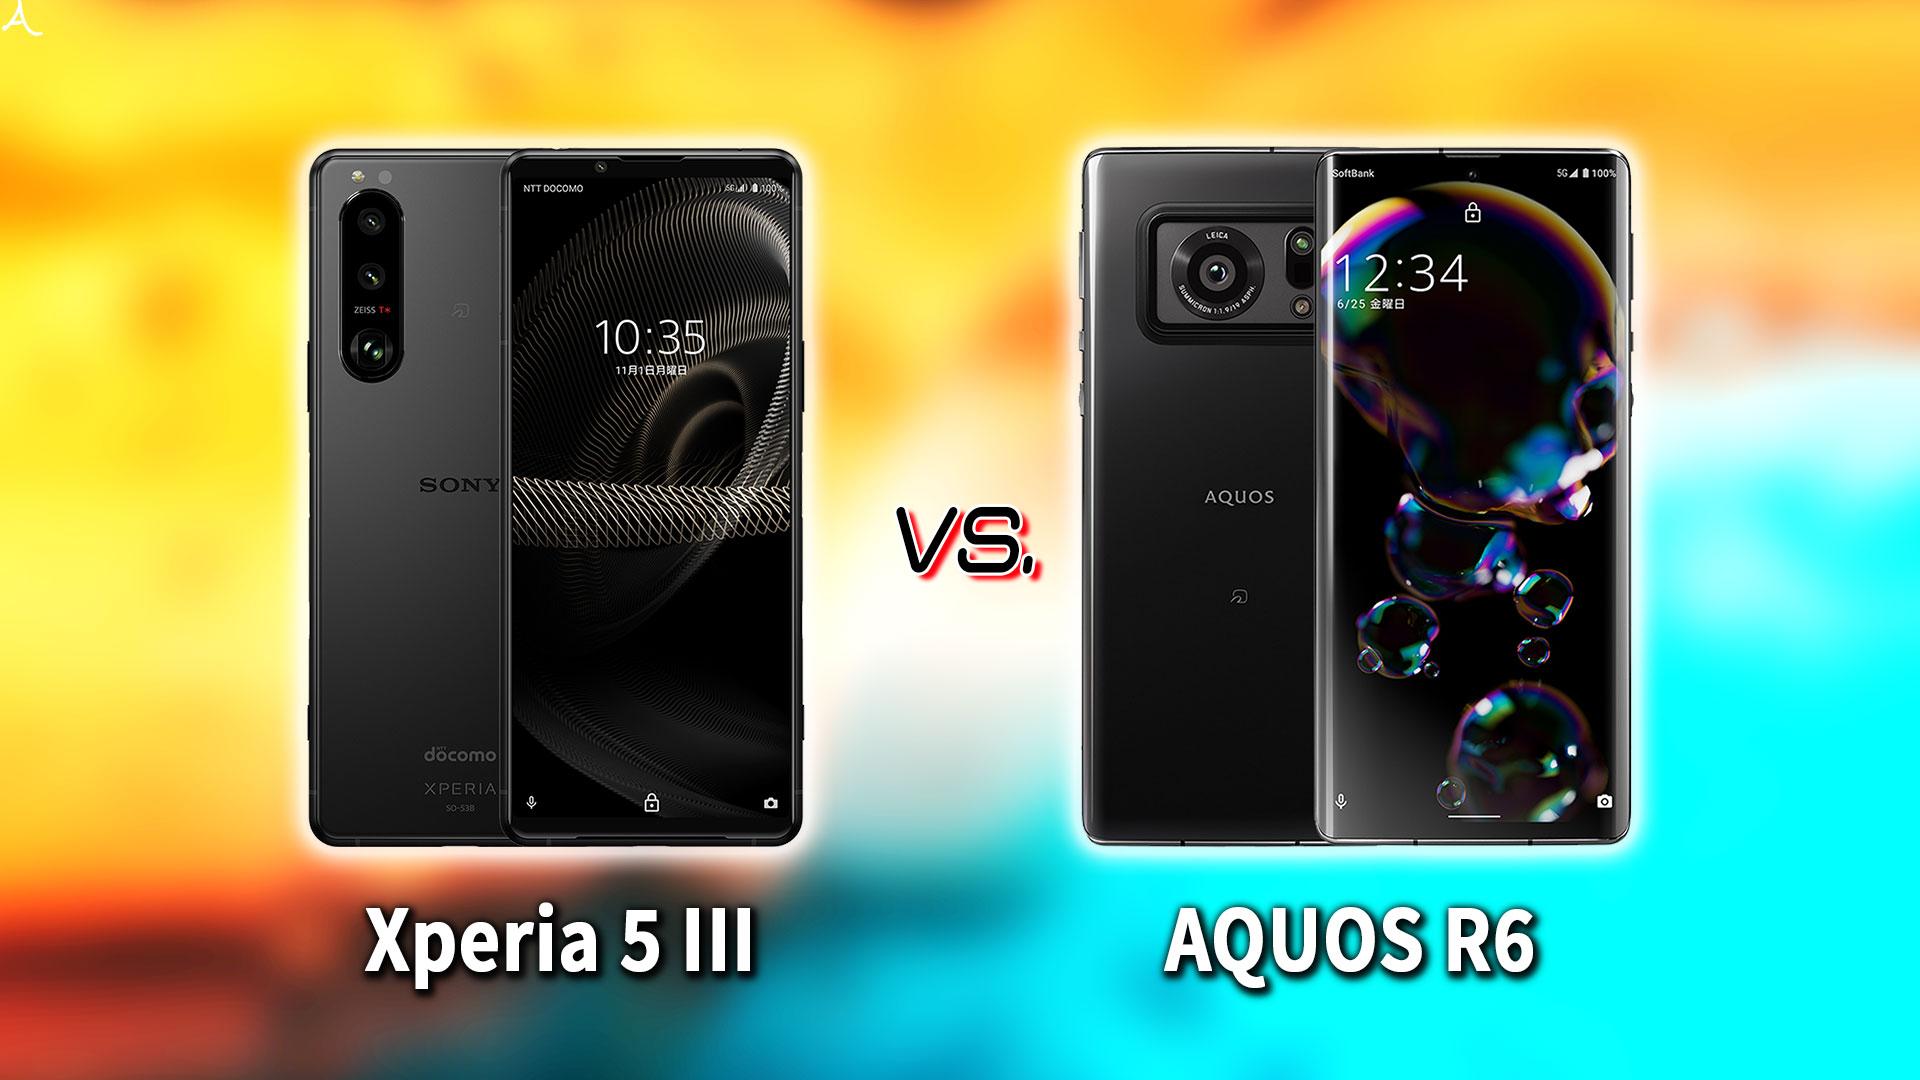 「Xperia 5 III」と「AQUOS R6」の違いを比較:どっちを買う?